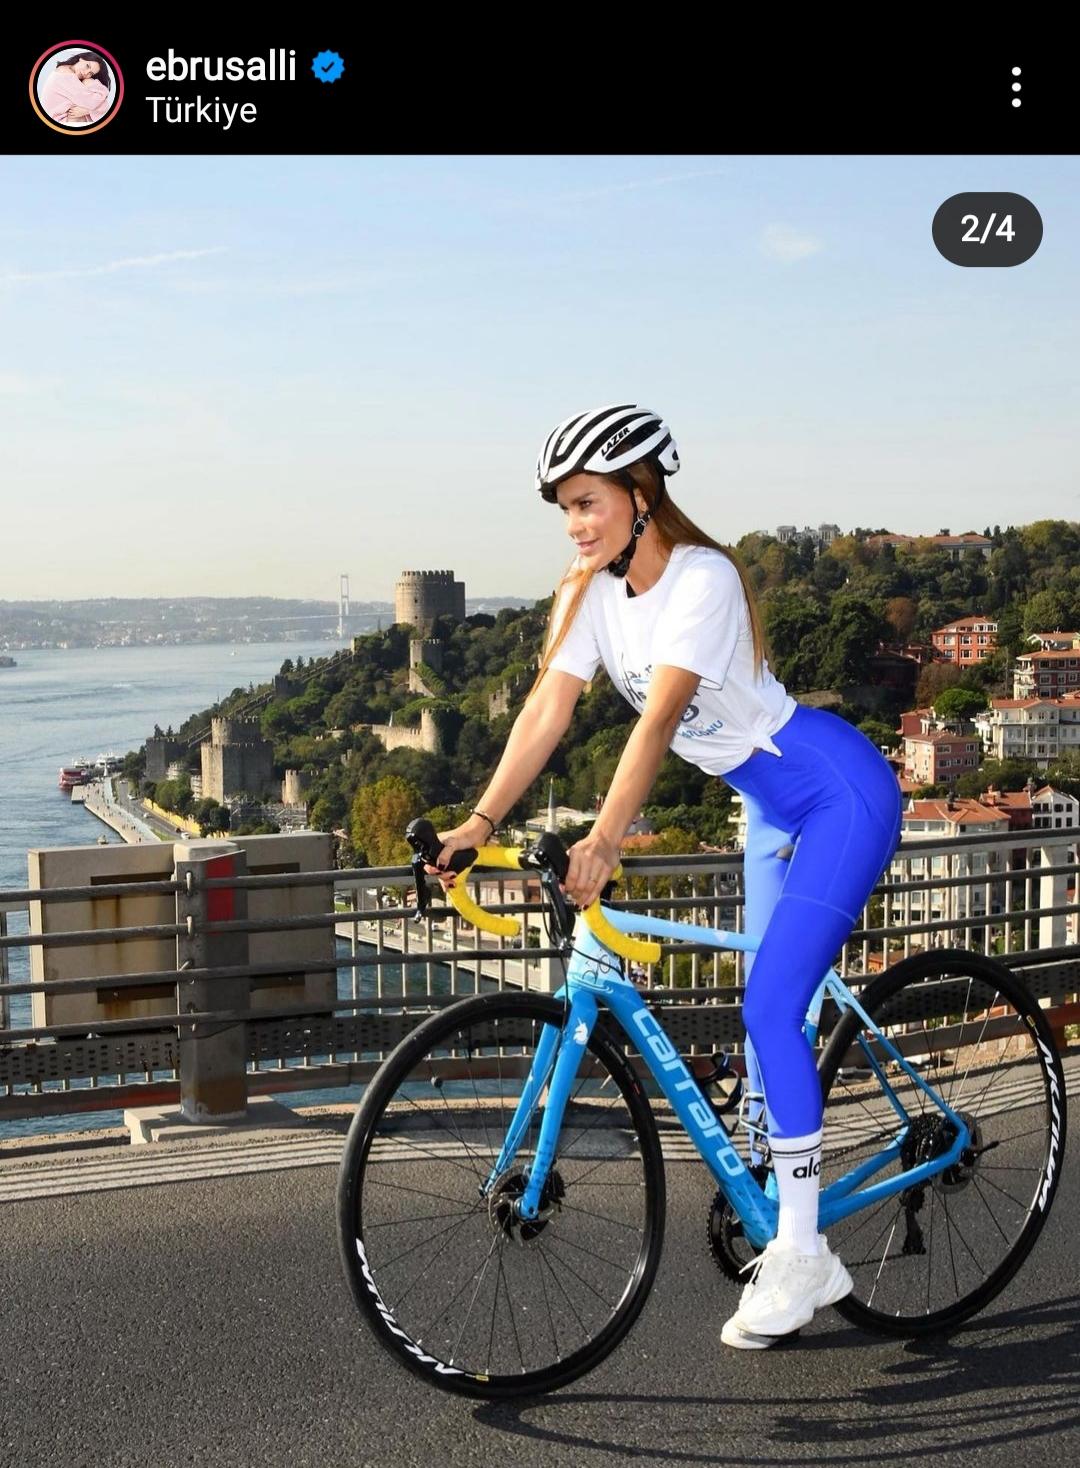 ebru şallı nın bisiklet üzerindeki pozu